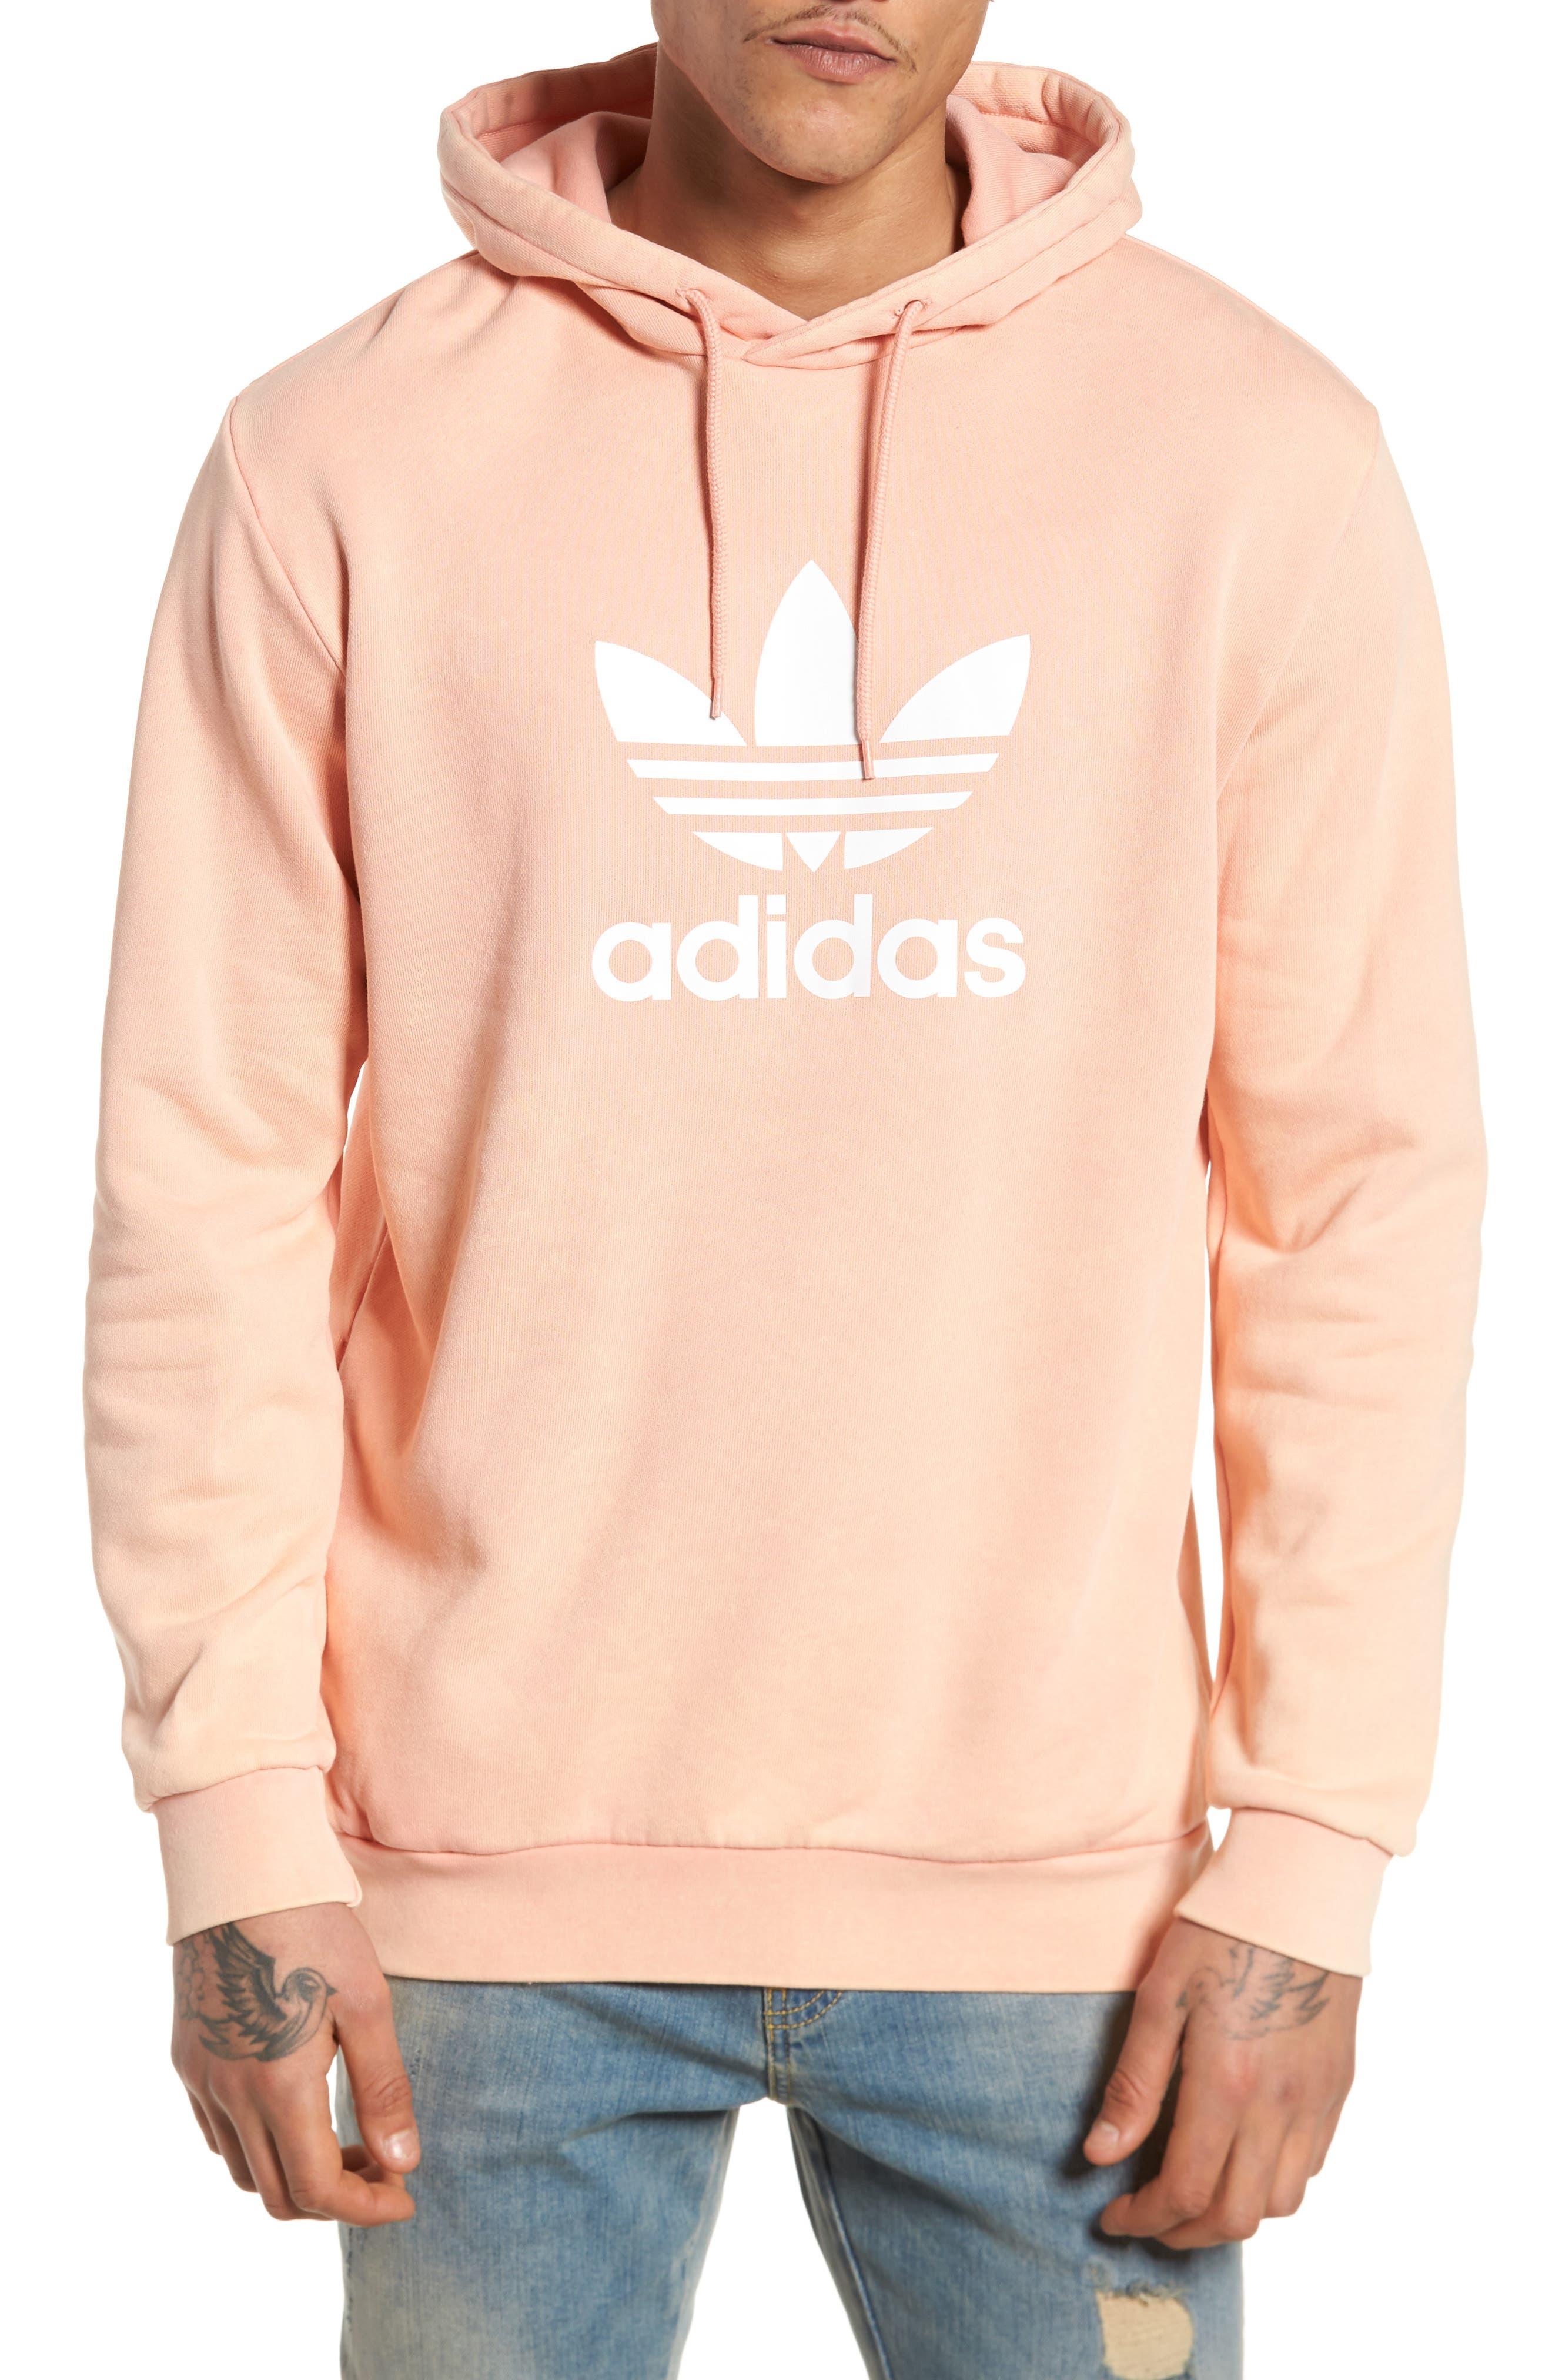 rosa per gli uomini le adidas, pantaloni, magliette, orologi & più nordstrom